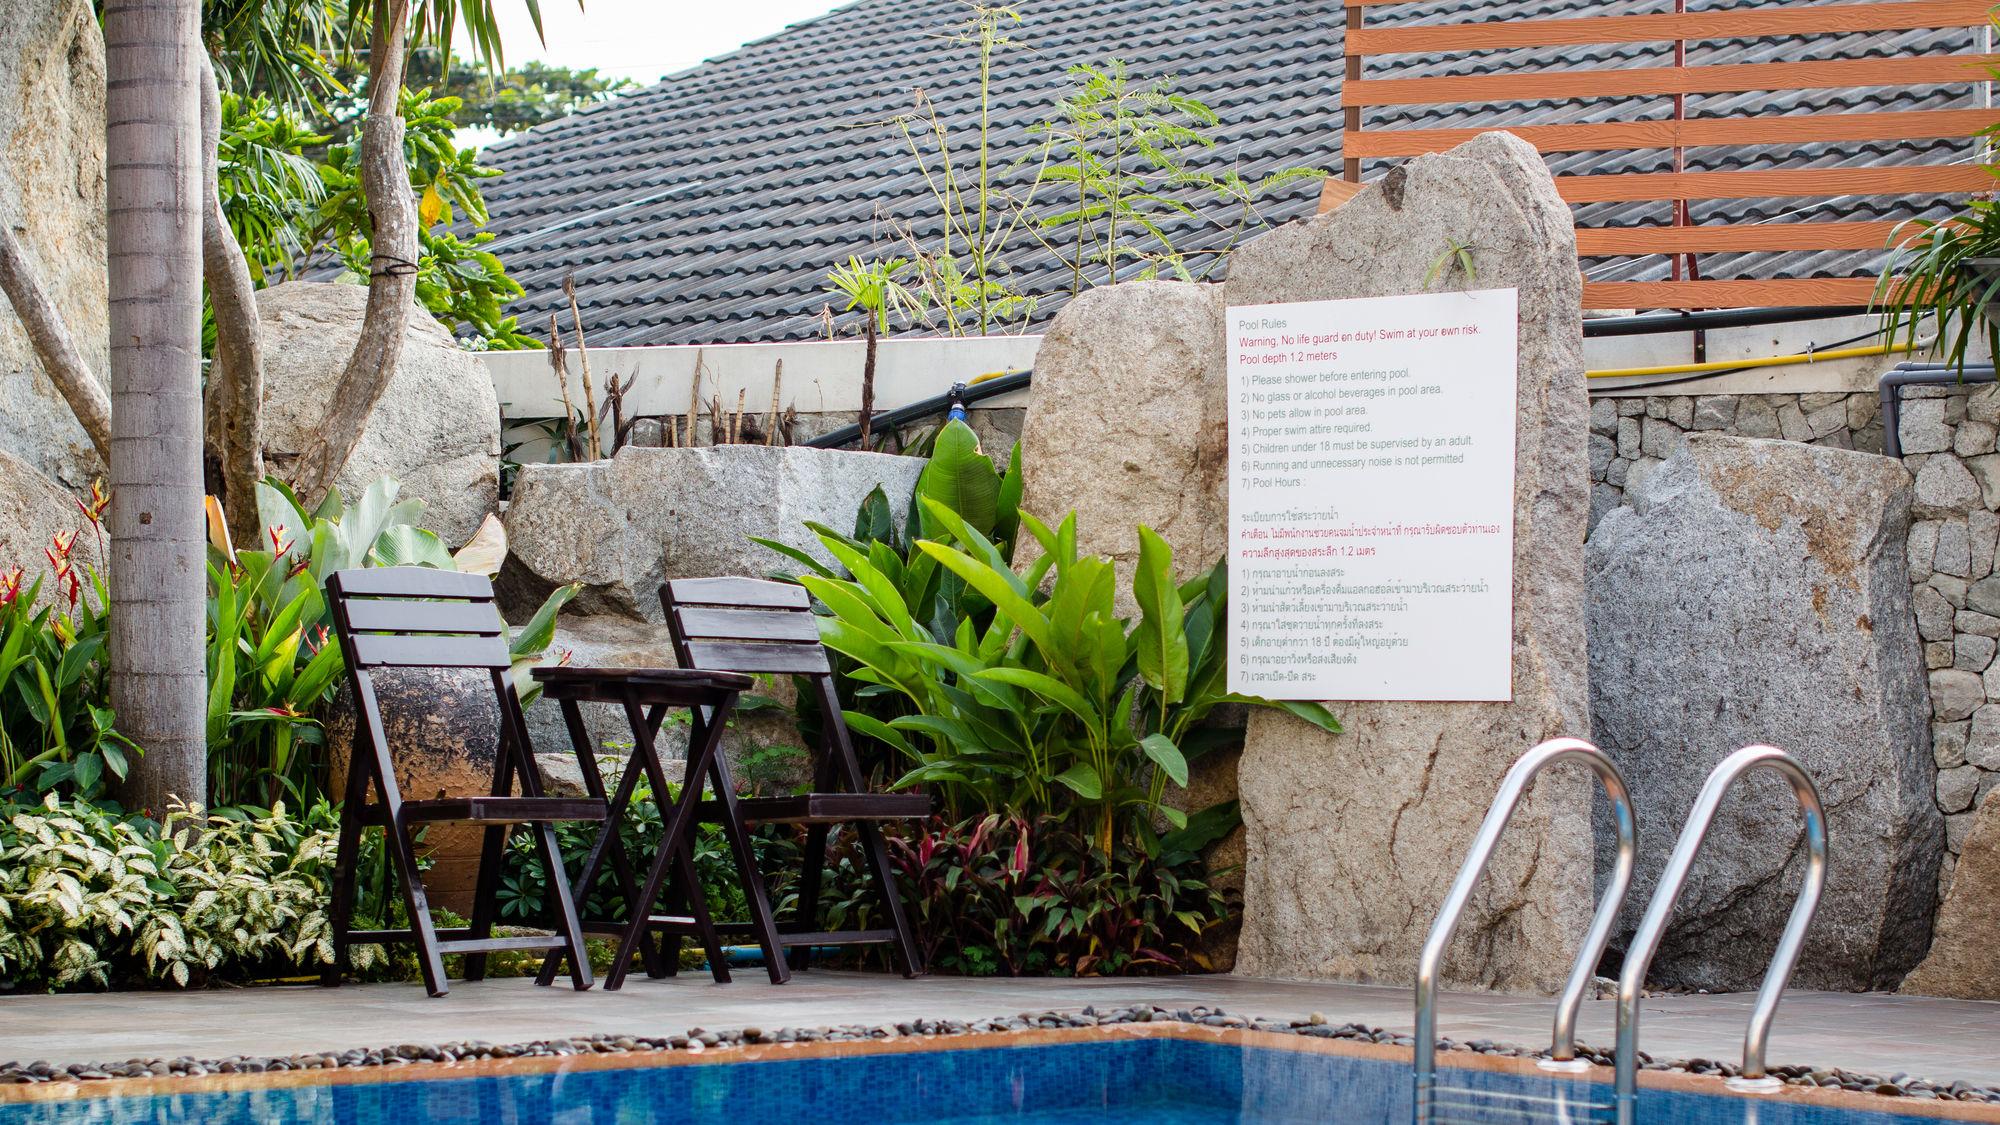 โรงแรมบางแสน สระว่ายน้ำ